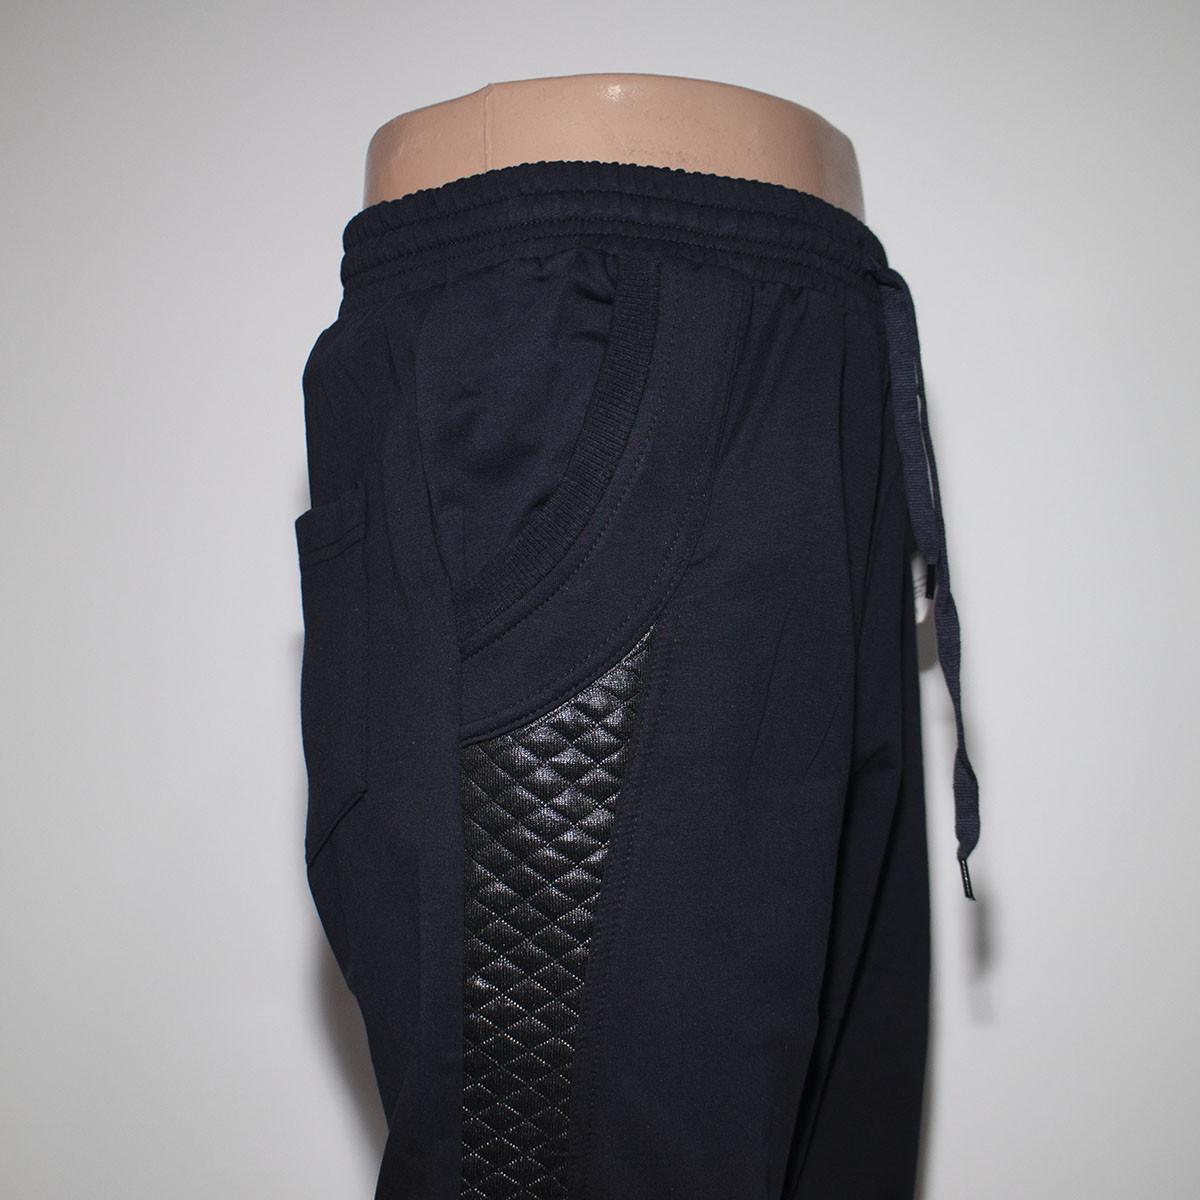 db6740abc257 Молодежные спортивные штаны под манжет новые модели пр-во. Турция KD1217,  цена 220 грн., купить в Одессе — Prom.ua (ID#494216174)